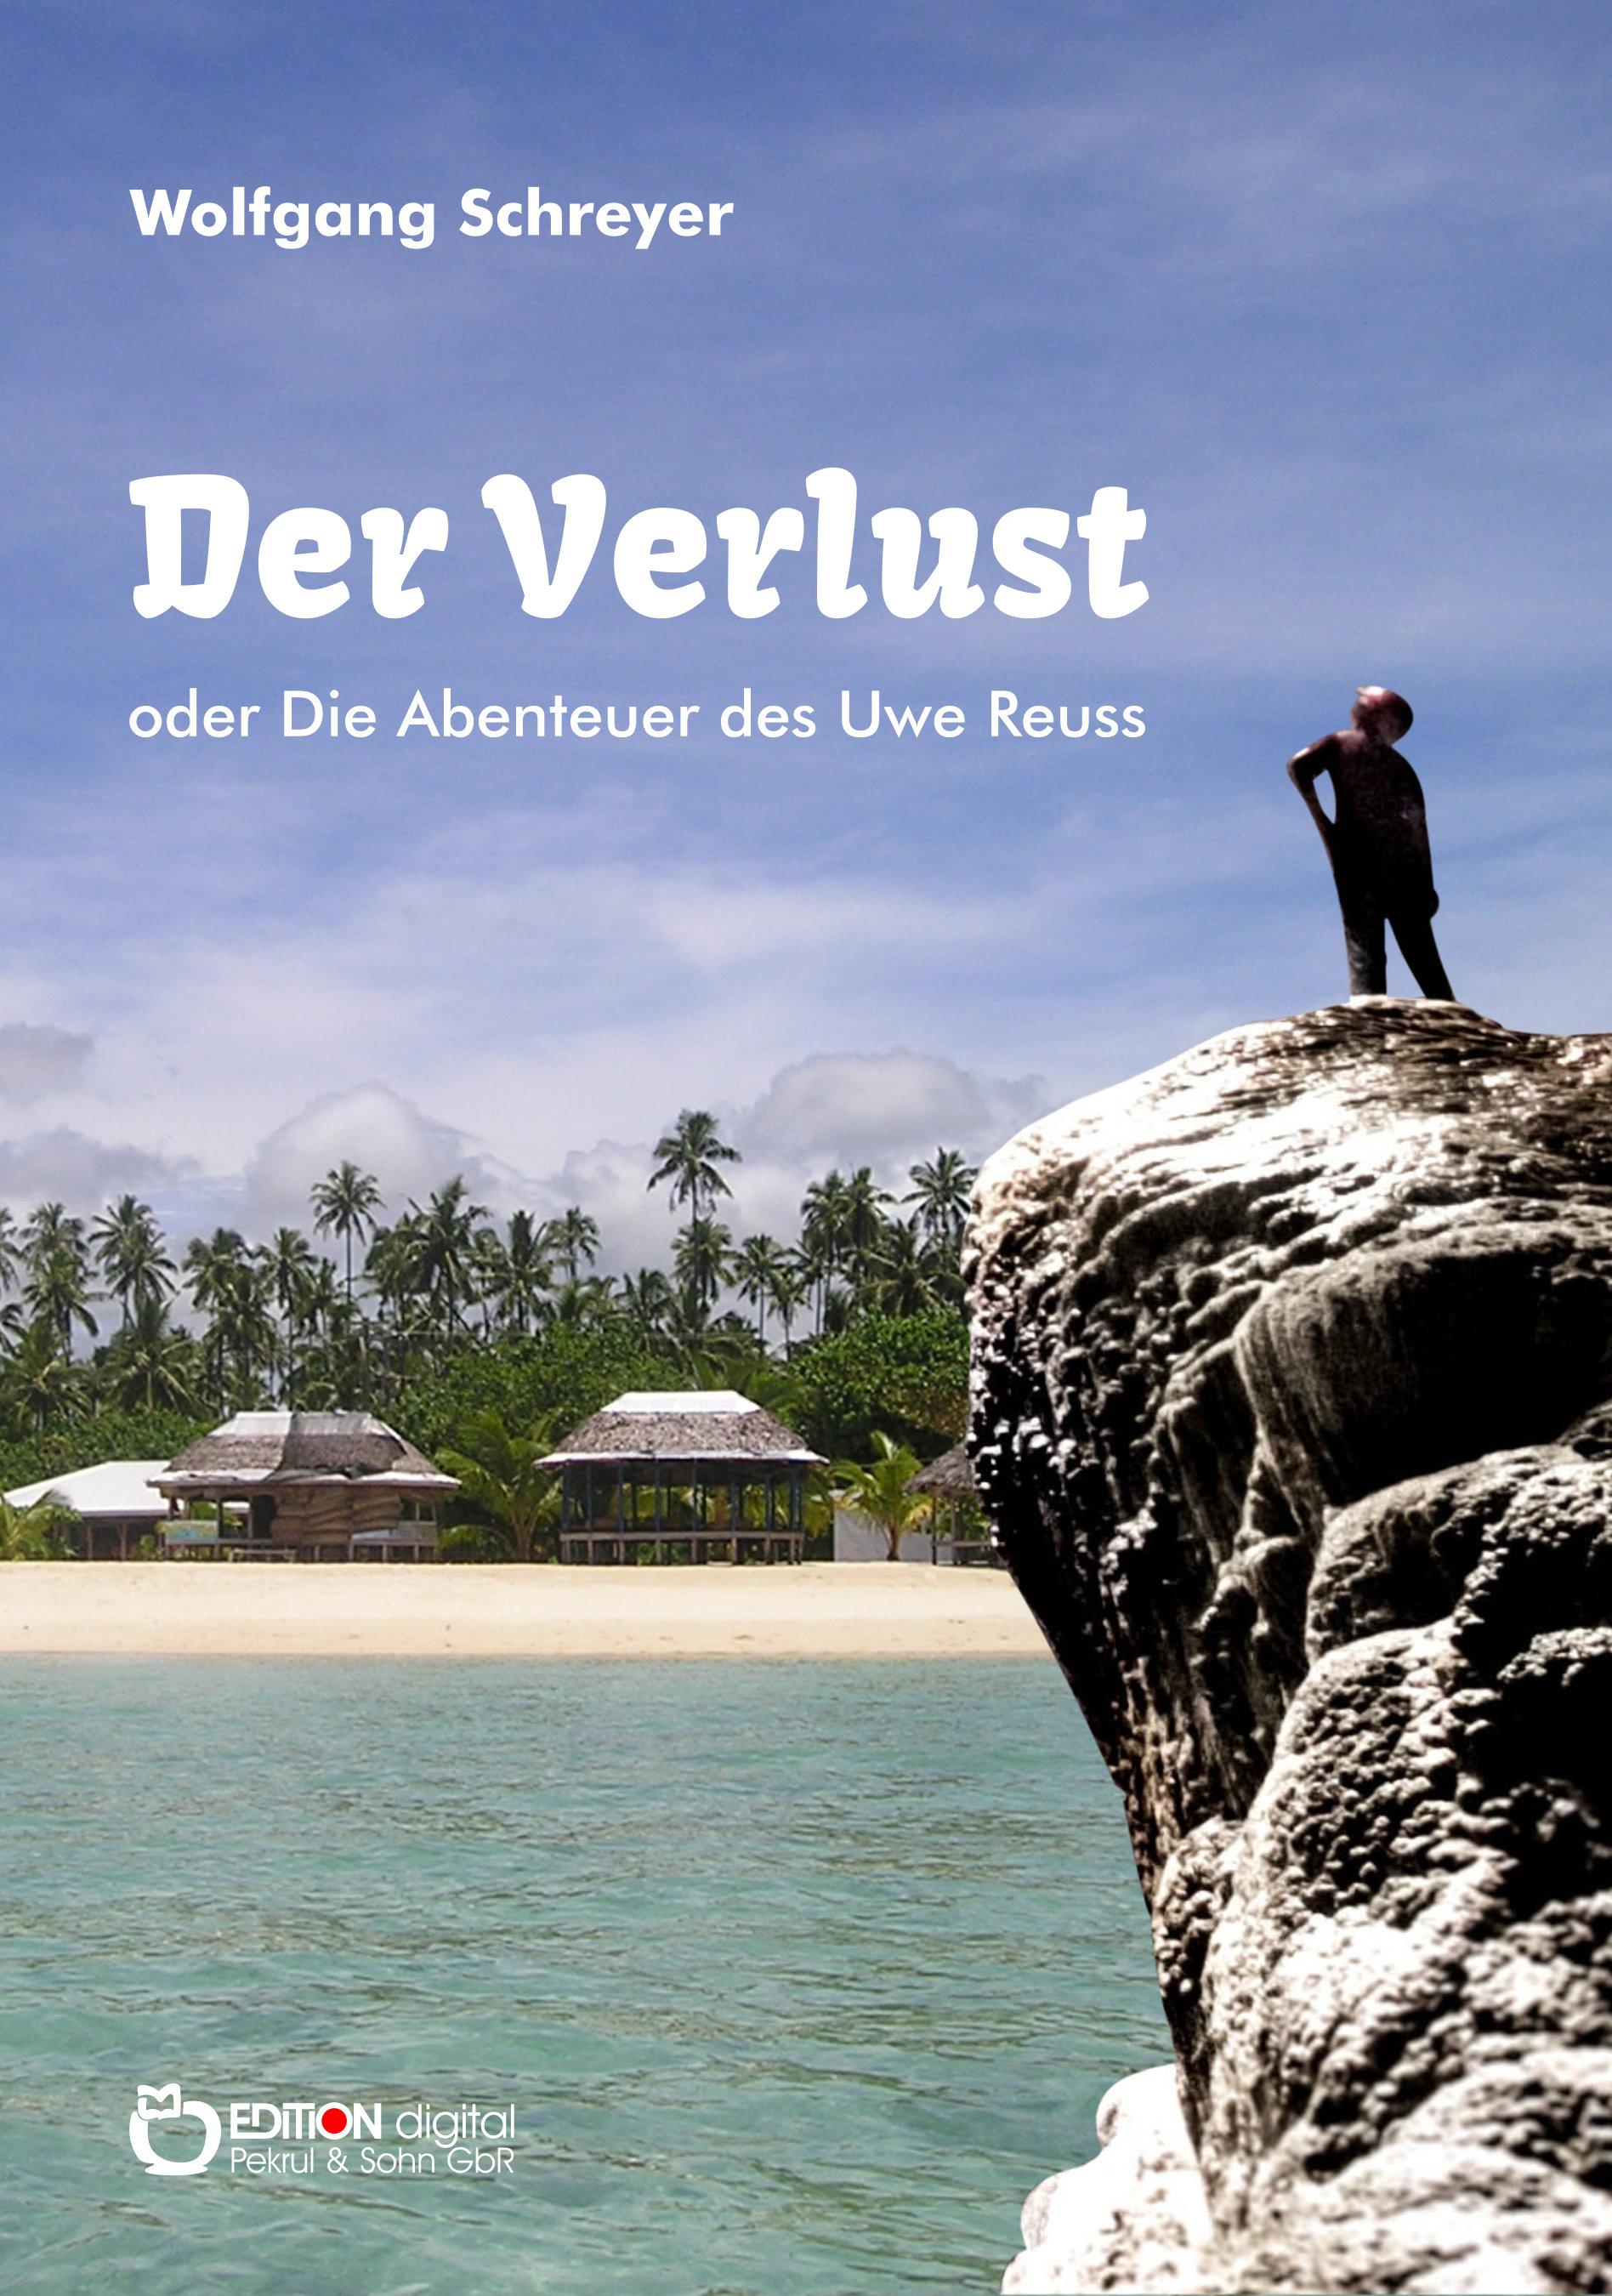 Der Verlust oder Die Abenteuer des Uwe Reuss von Wolfgang Schreyer